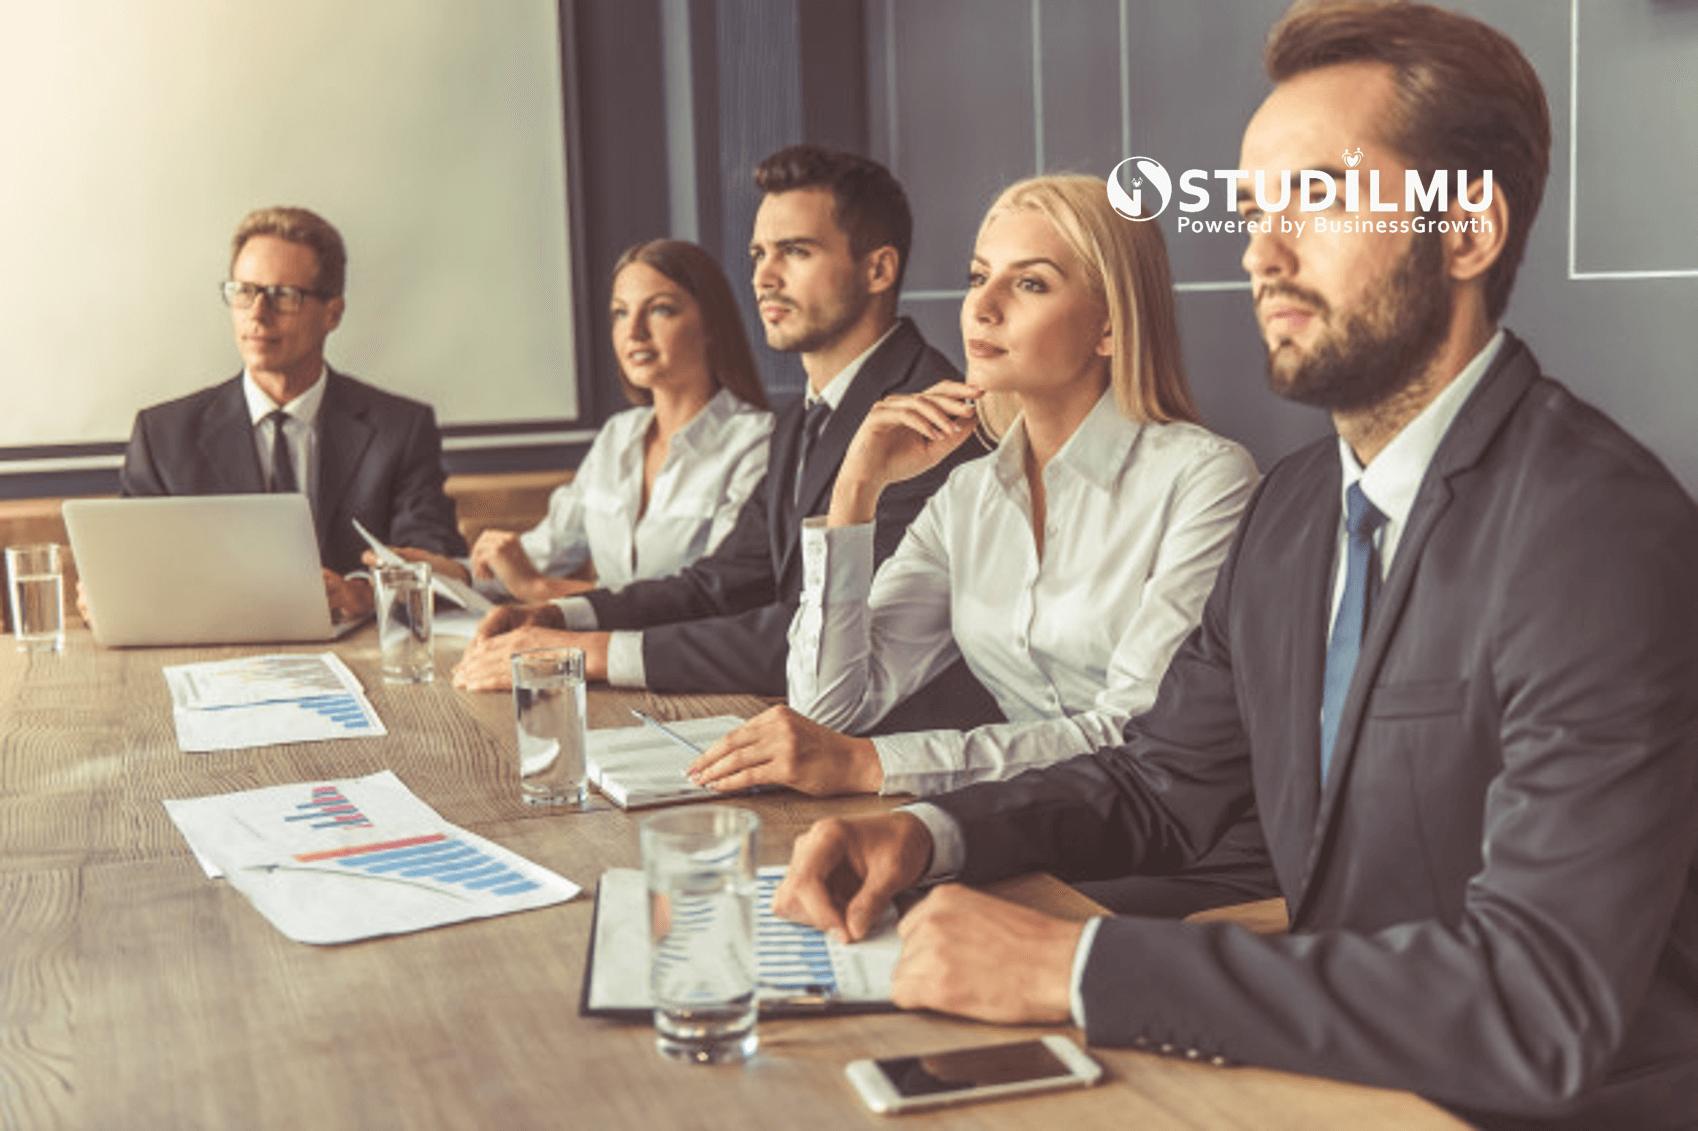 STUDILMU Career Advice - Lakukan 5 Hal Penting Ini Untuk Meraih Pengembangan Karier